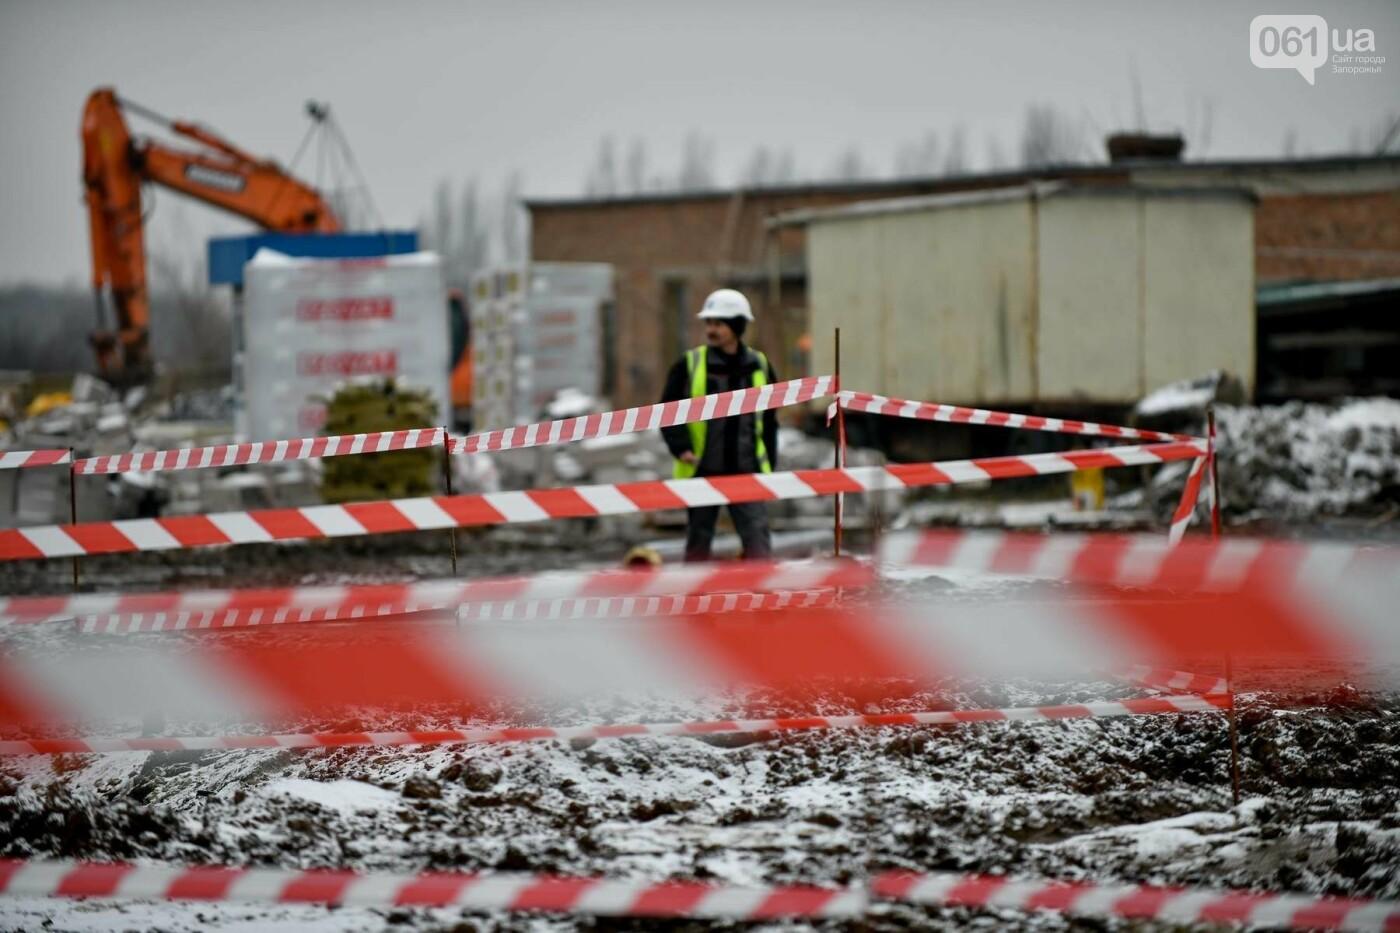 Запорожский аэропорт возьмет кредит на строительство терминала и прогнозирует увеличение пассажиропотока до одного миллиона, — ФОТОРЕПОРТАЖ, фото-16